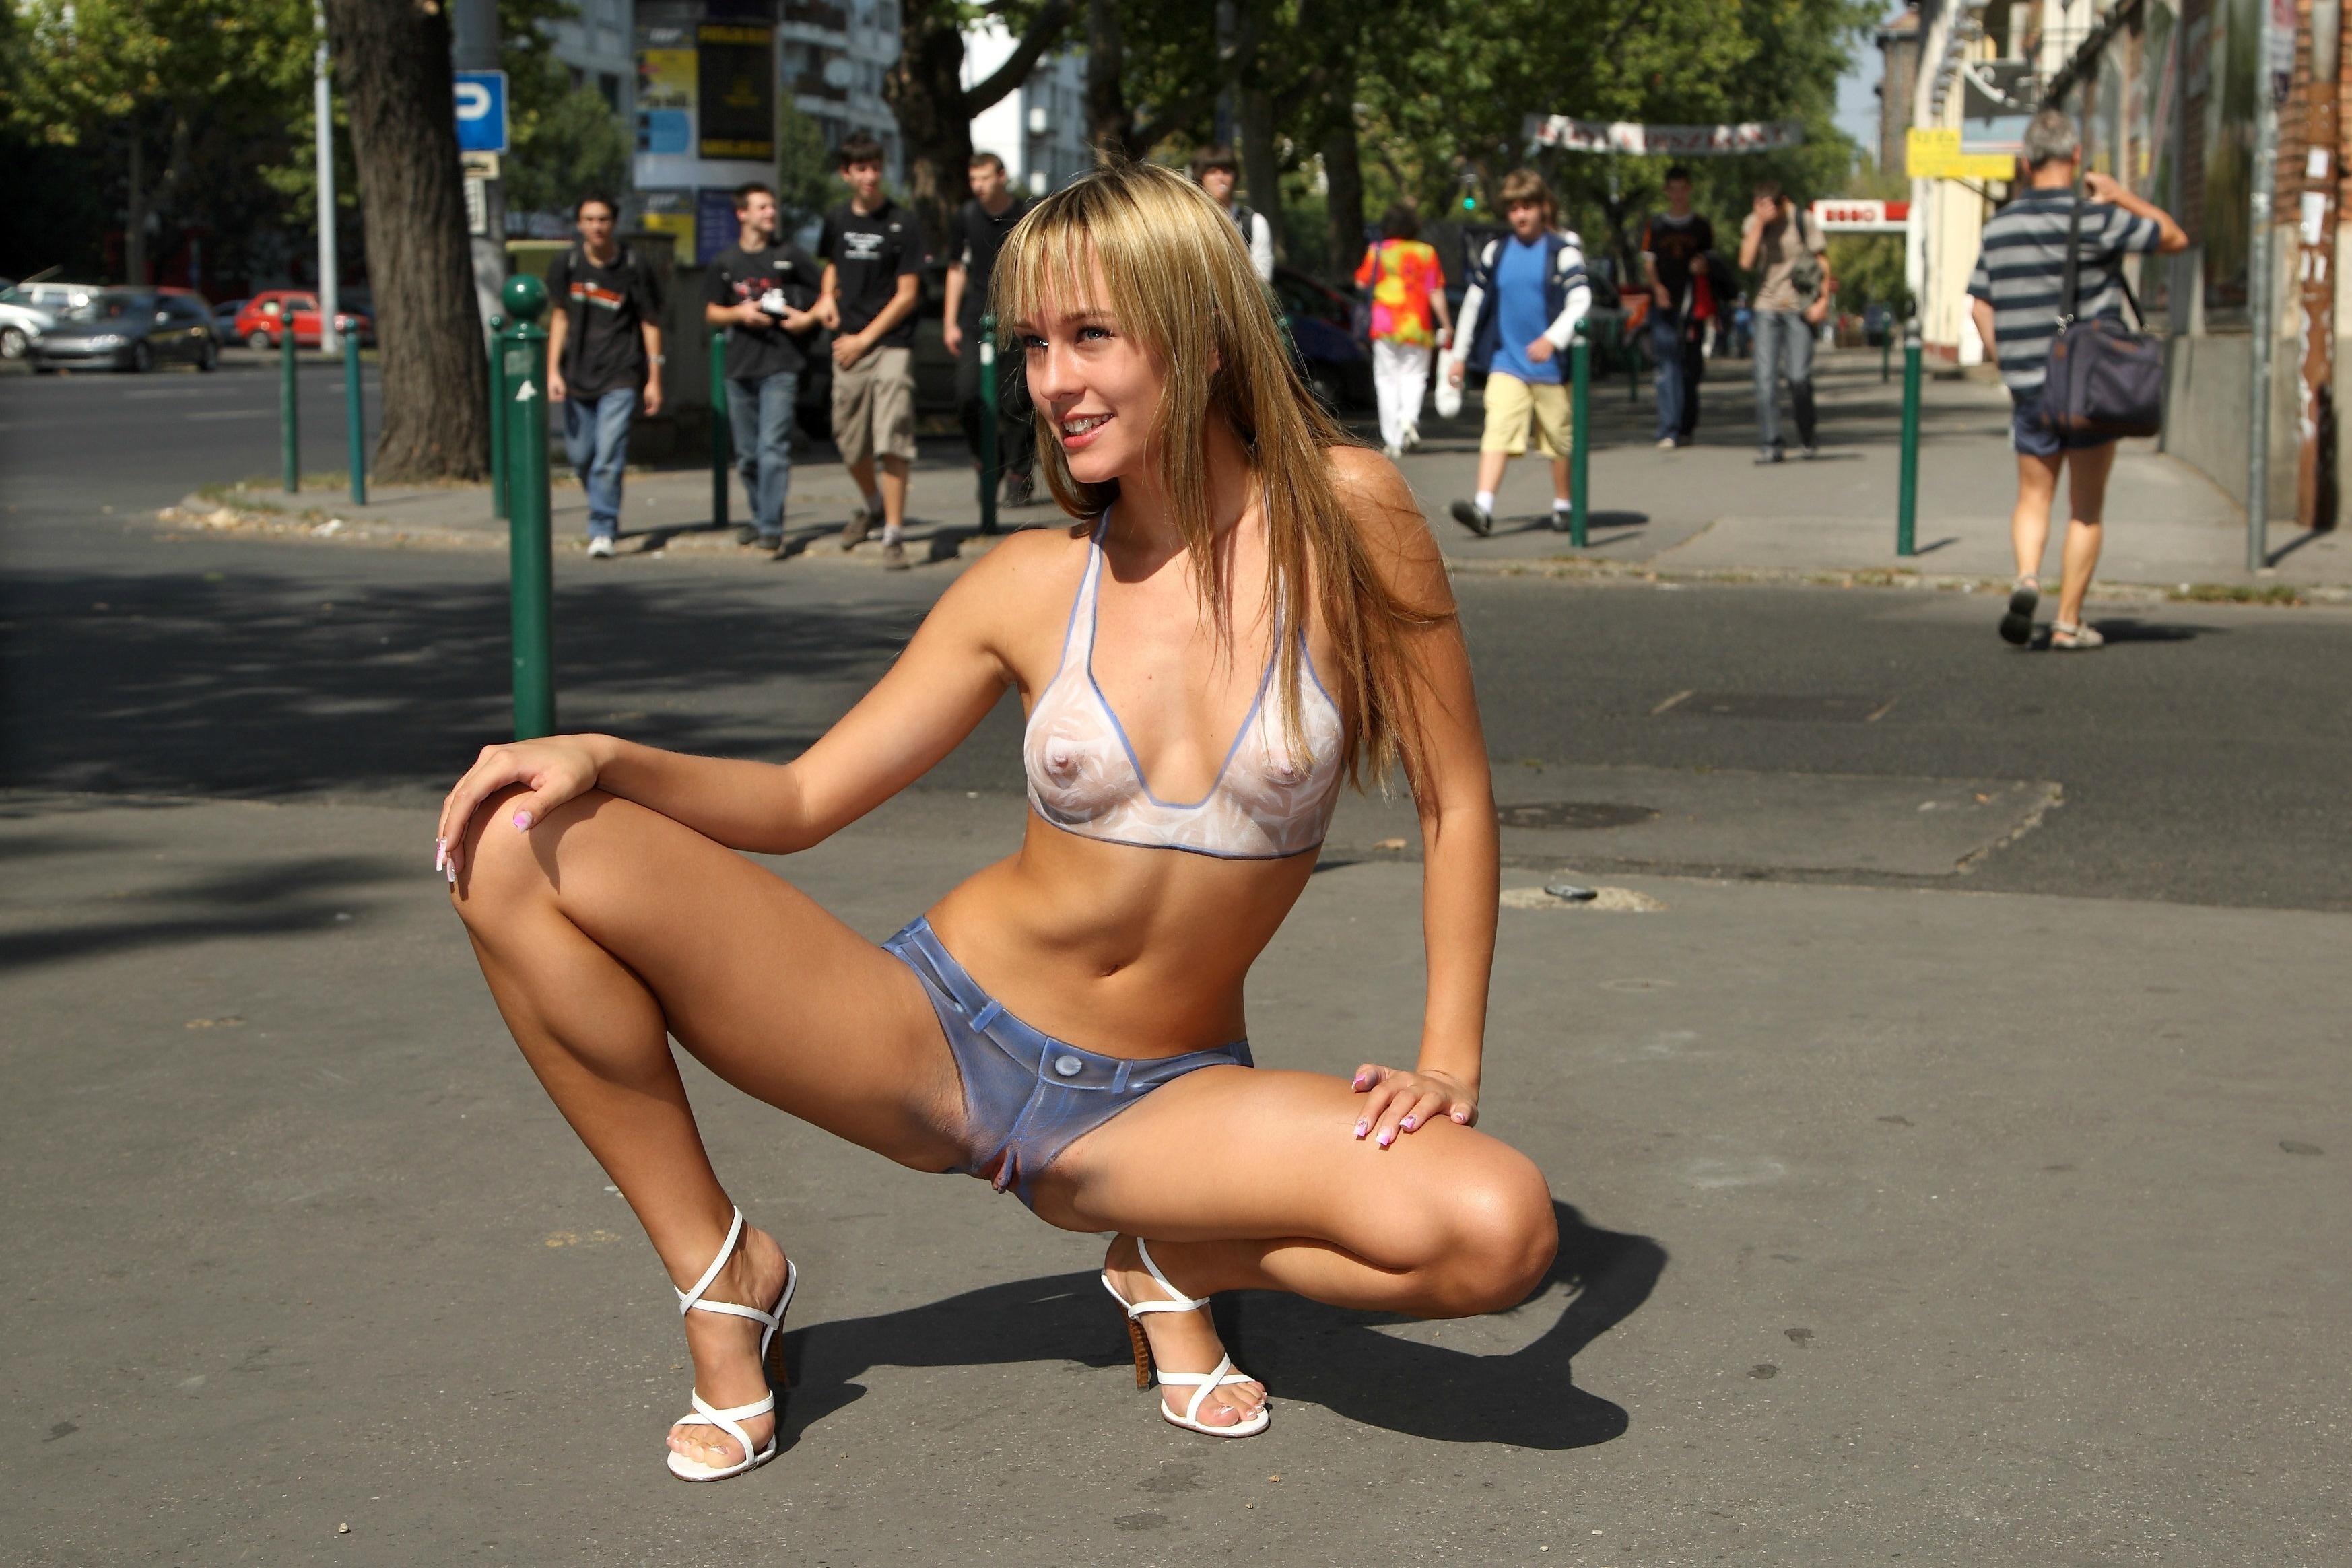 Em naked girls spread